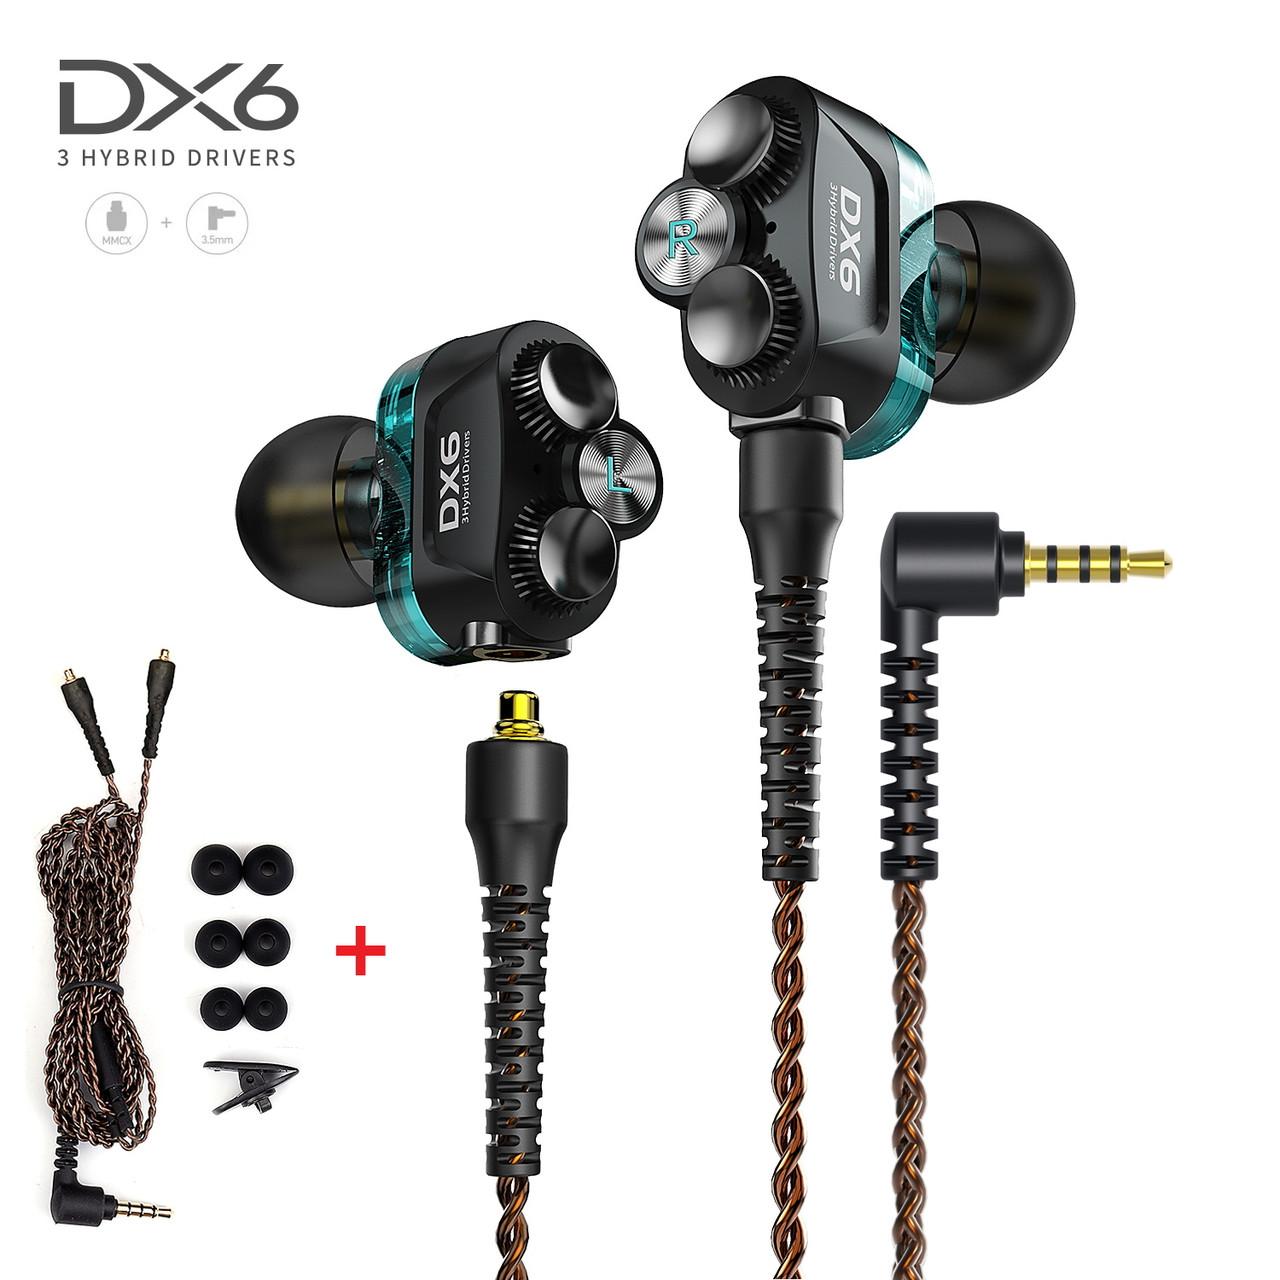 Гібридні навушники 3 Hybrid Drivers з мікрофоном дротова стерео гарнітура для ПК комп'ютера телефону